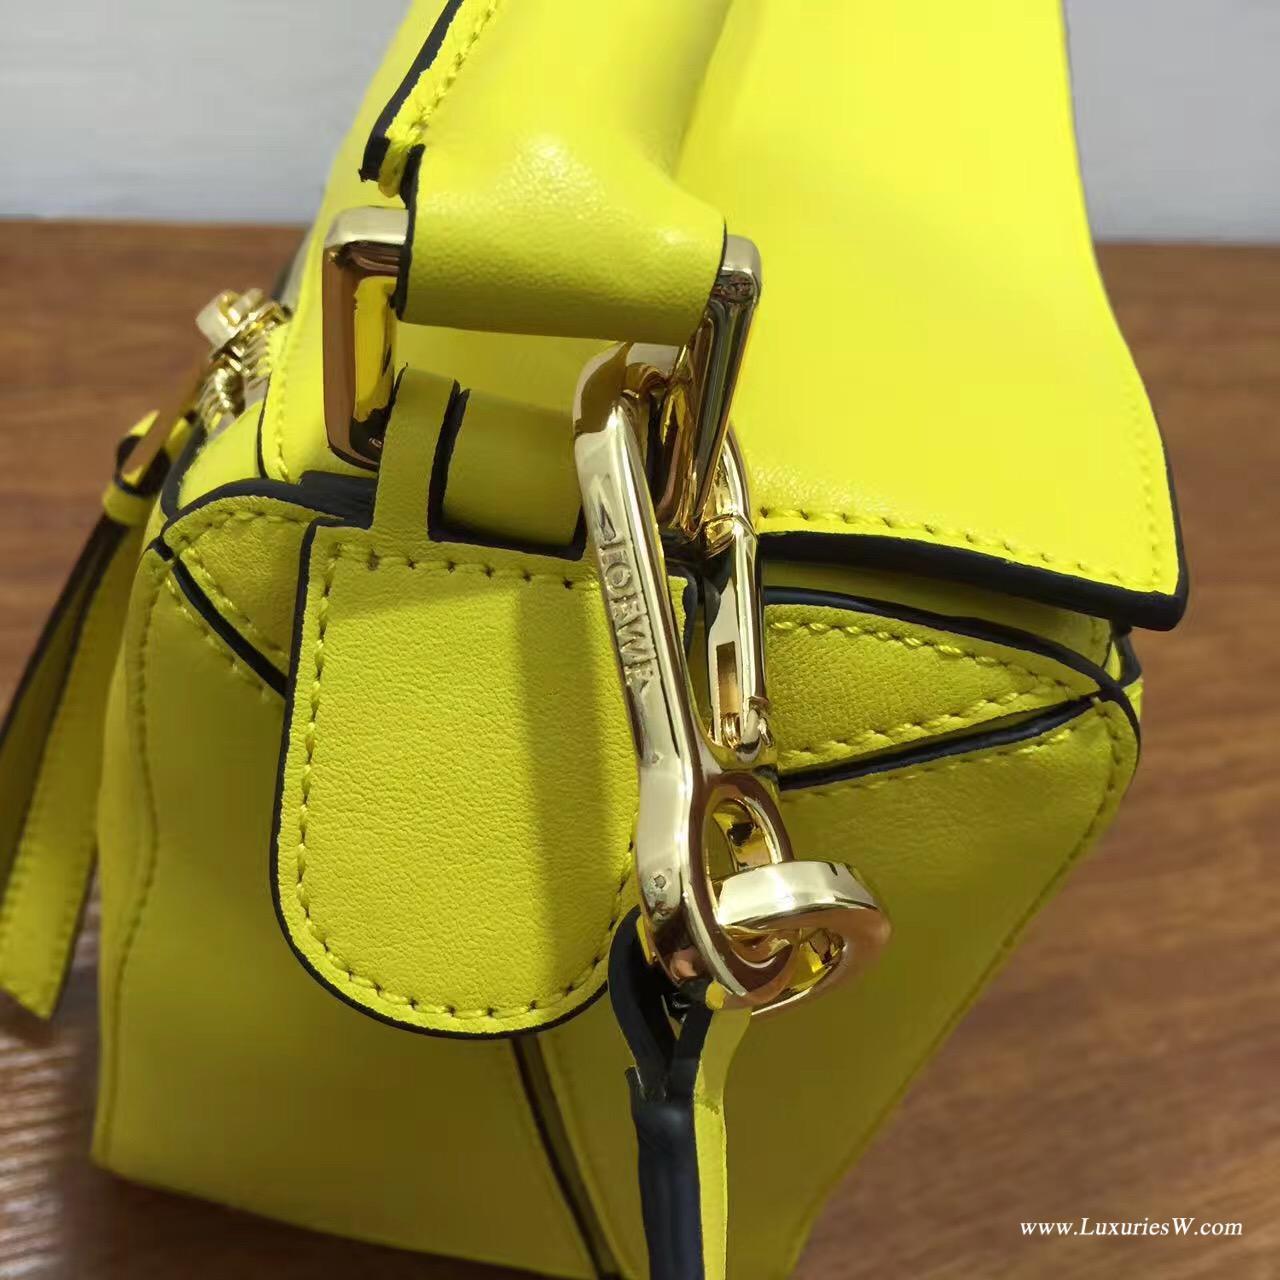 羅意威女包官網 LOEWE Mini Puzzle Bag 柠檬黄 長方體形狀 折疊幾何包